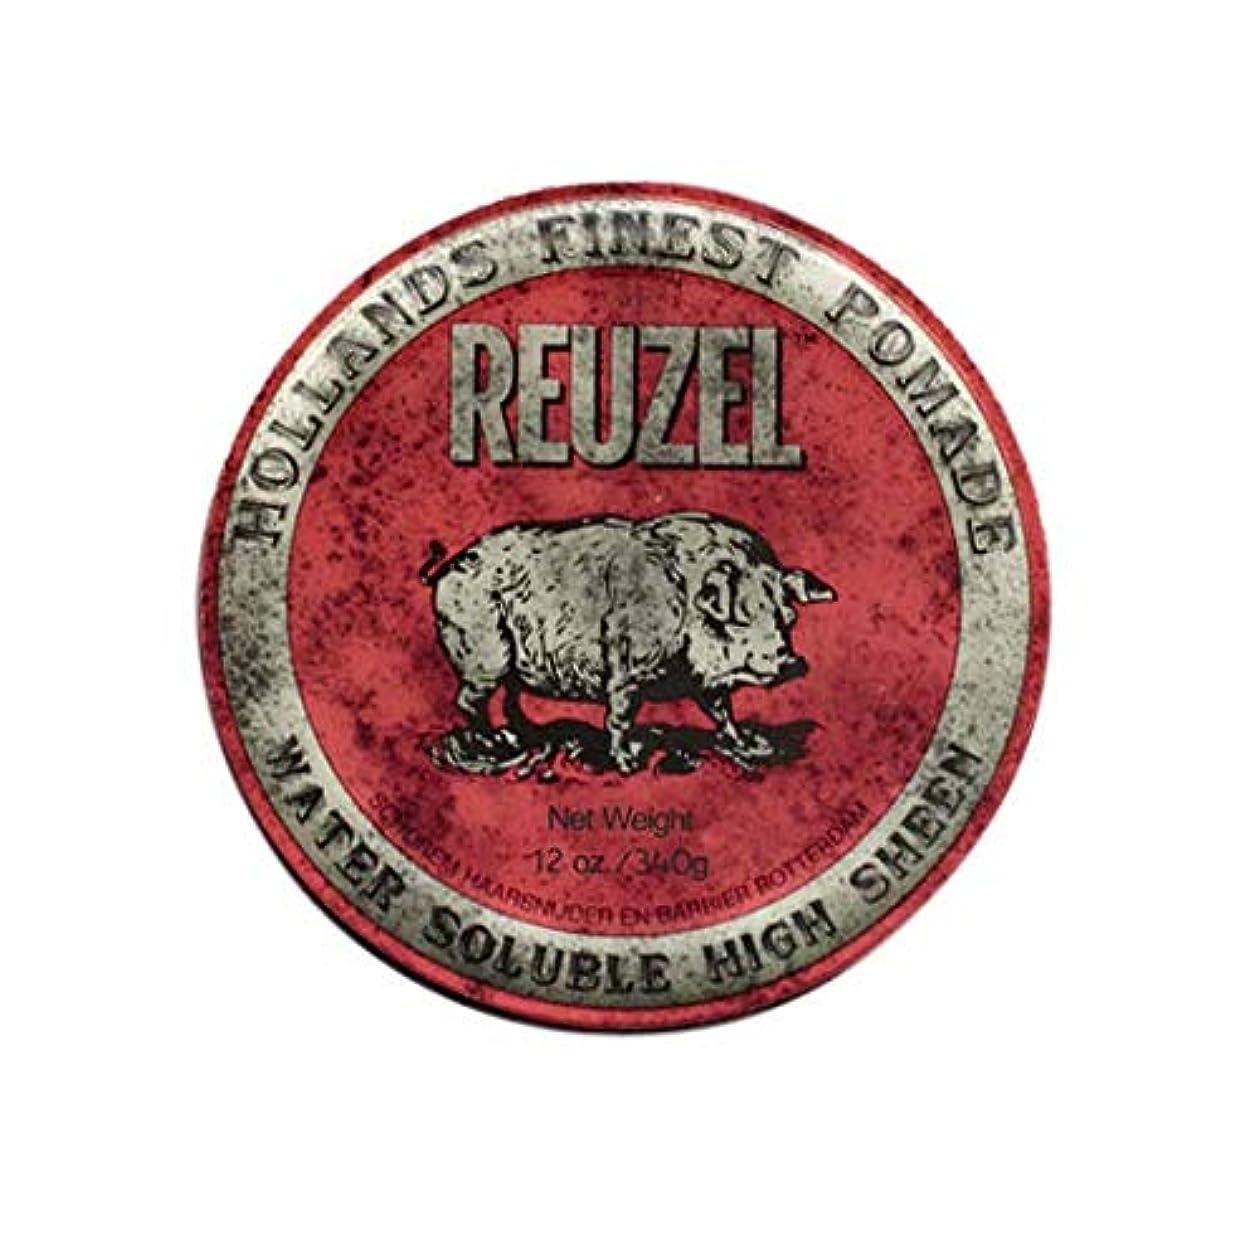 落ち着いた学校教育構成員ルーゾー(REUZEL) ミディアムホールド レッド HIGH SHINE 340g